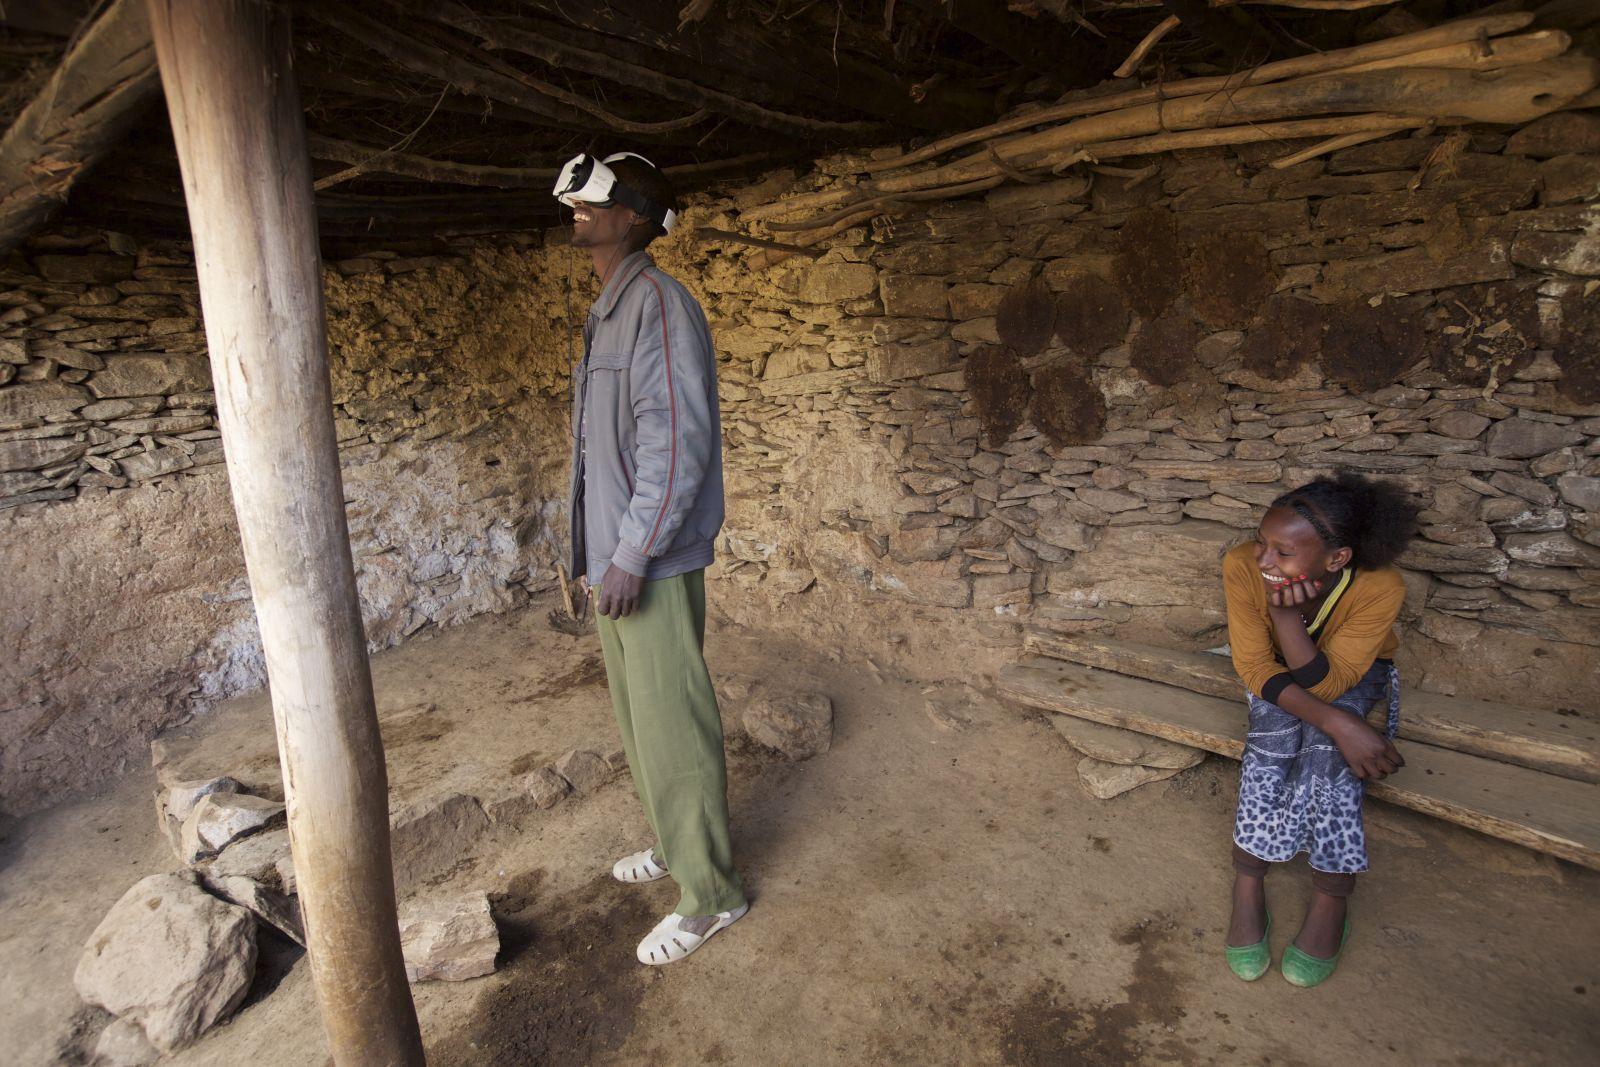 在「水慈善」衣索比亞影片中出現的當地居民正觀賞虛擬實境影片/圖片來源:水慈善